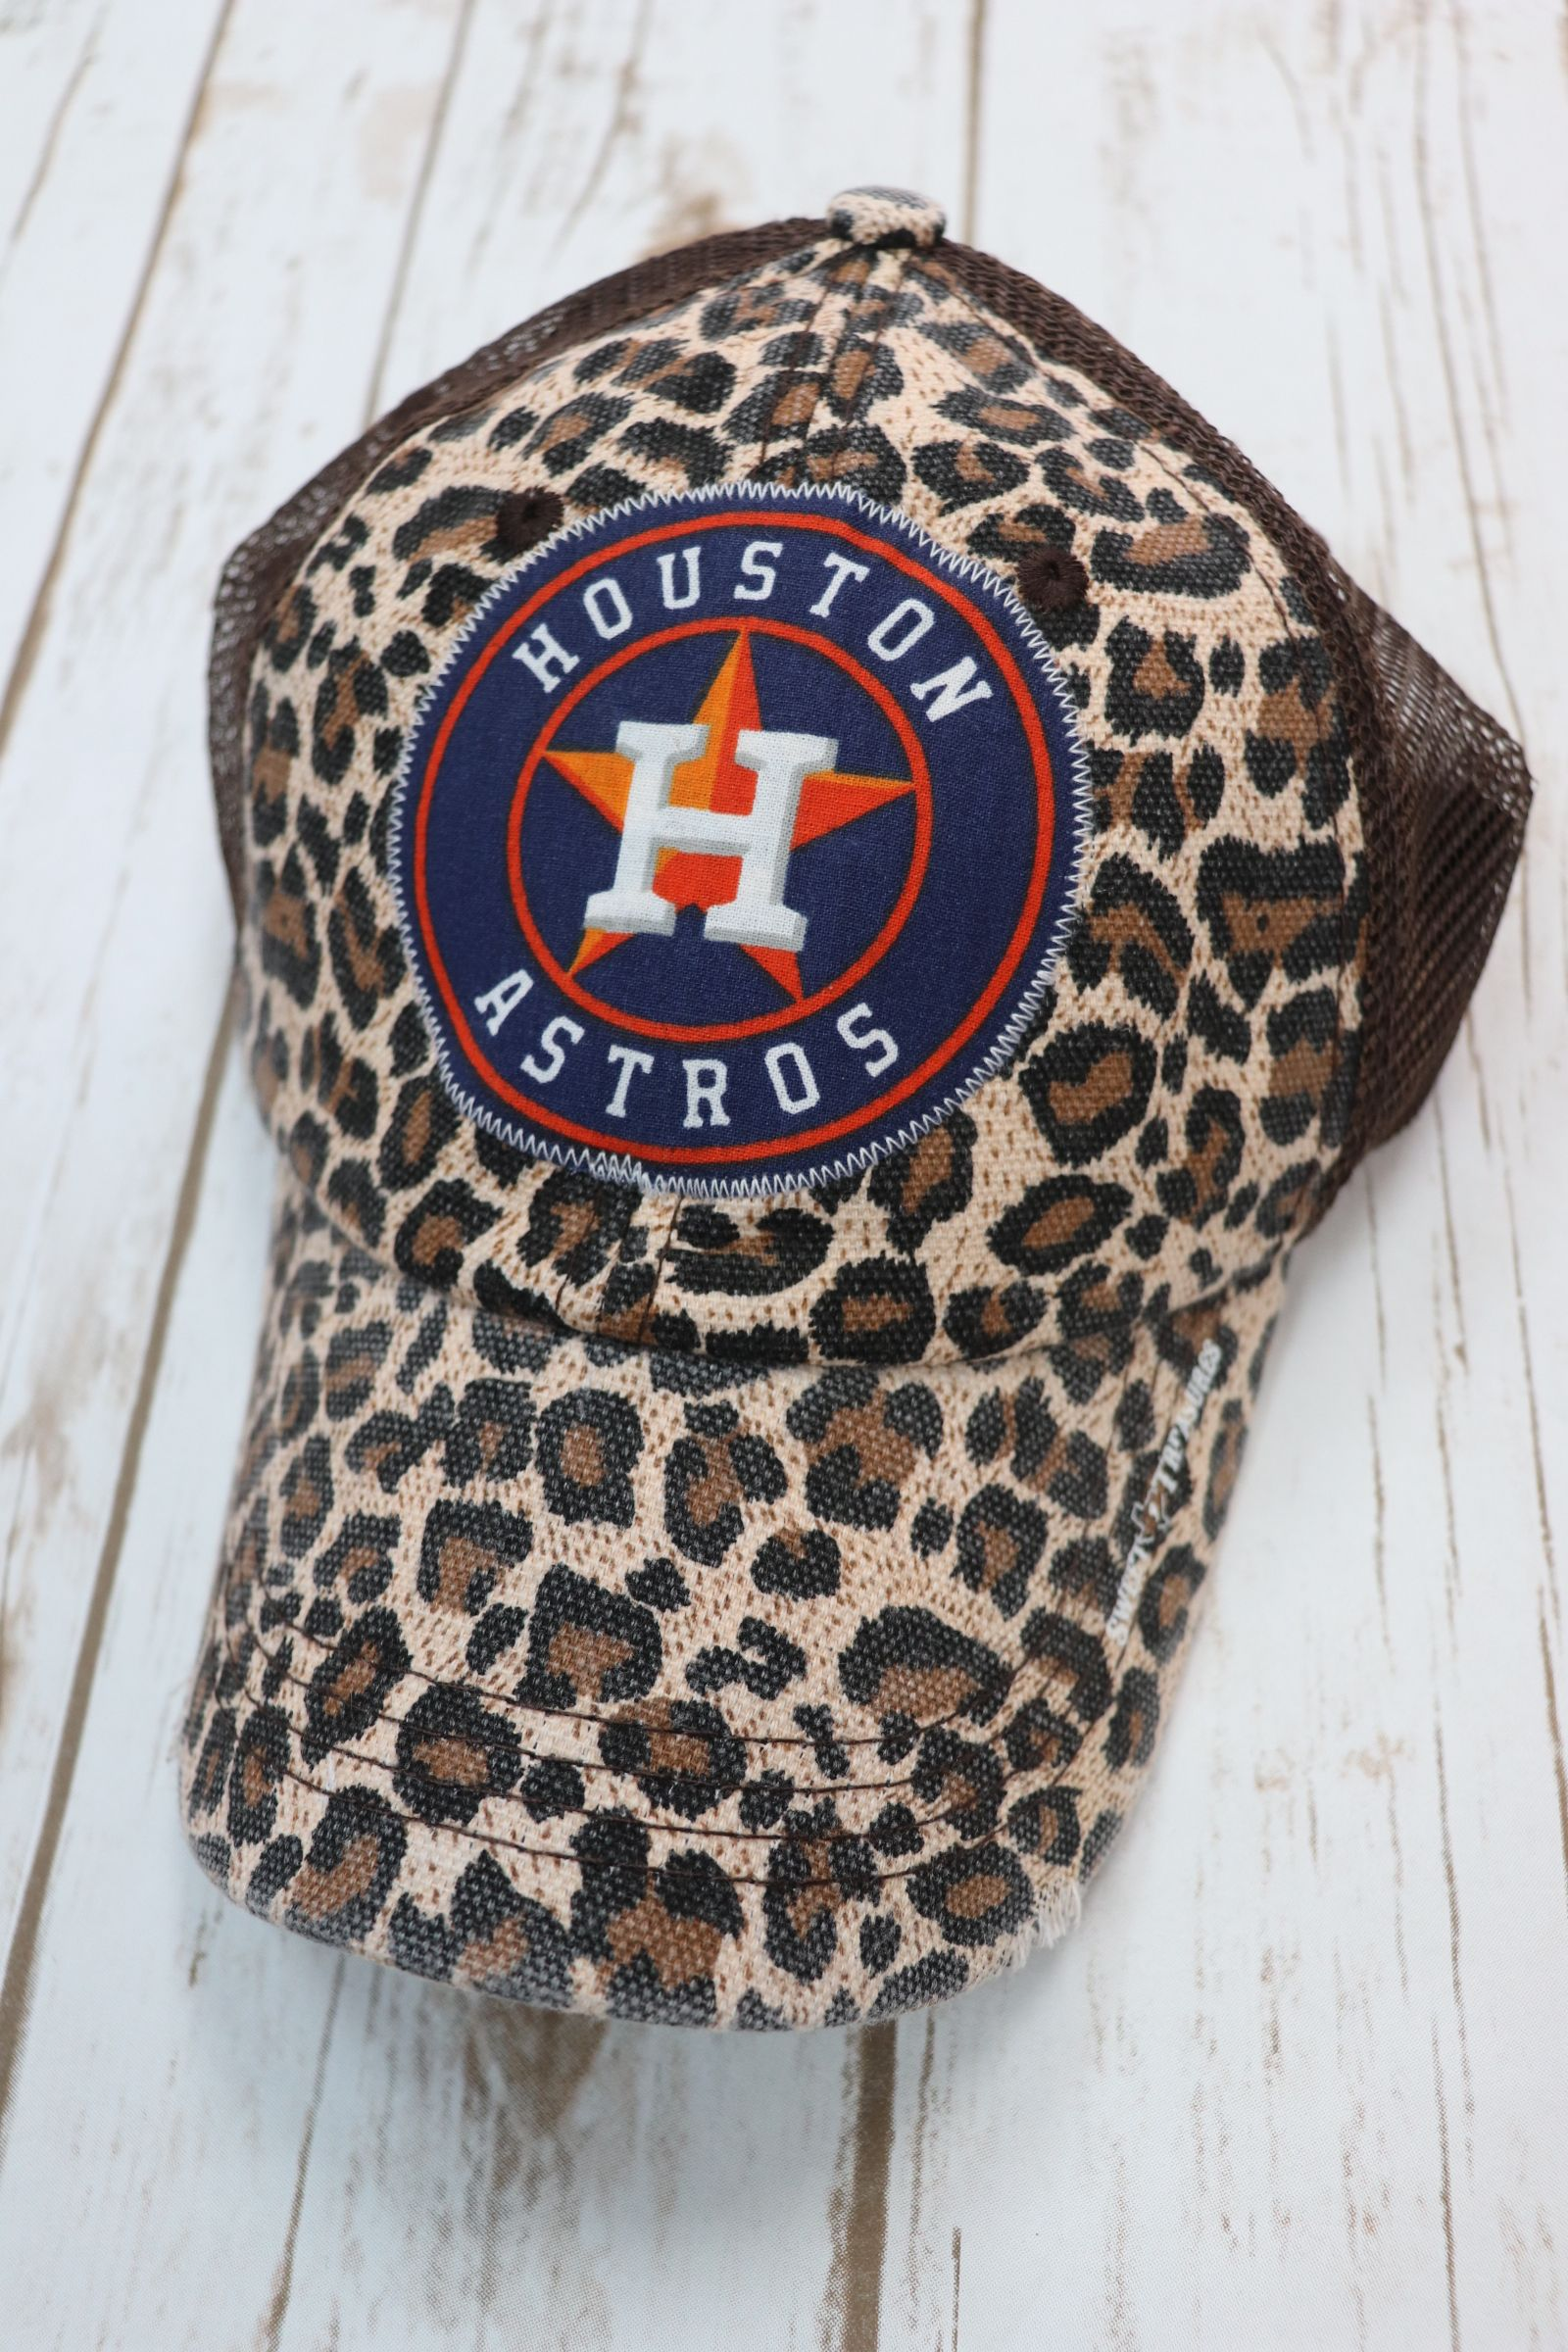 4e1ce68add5 Leopard Houston Astros trucker hat